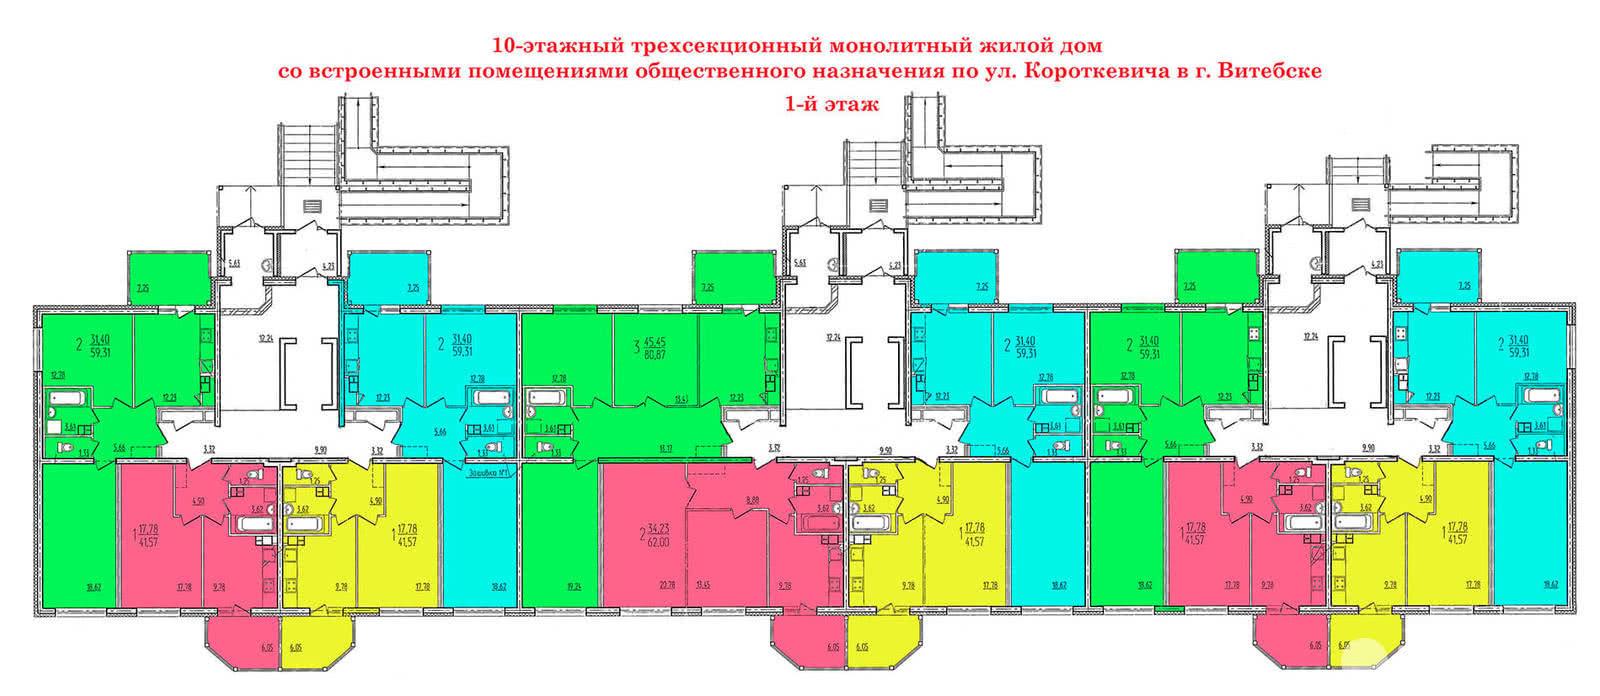 Дом по ул. Короткевича - фото 3